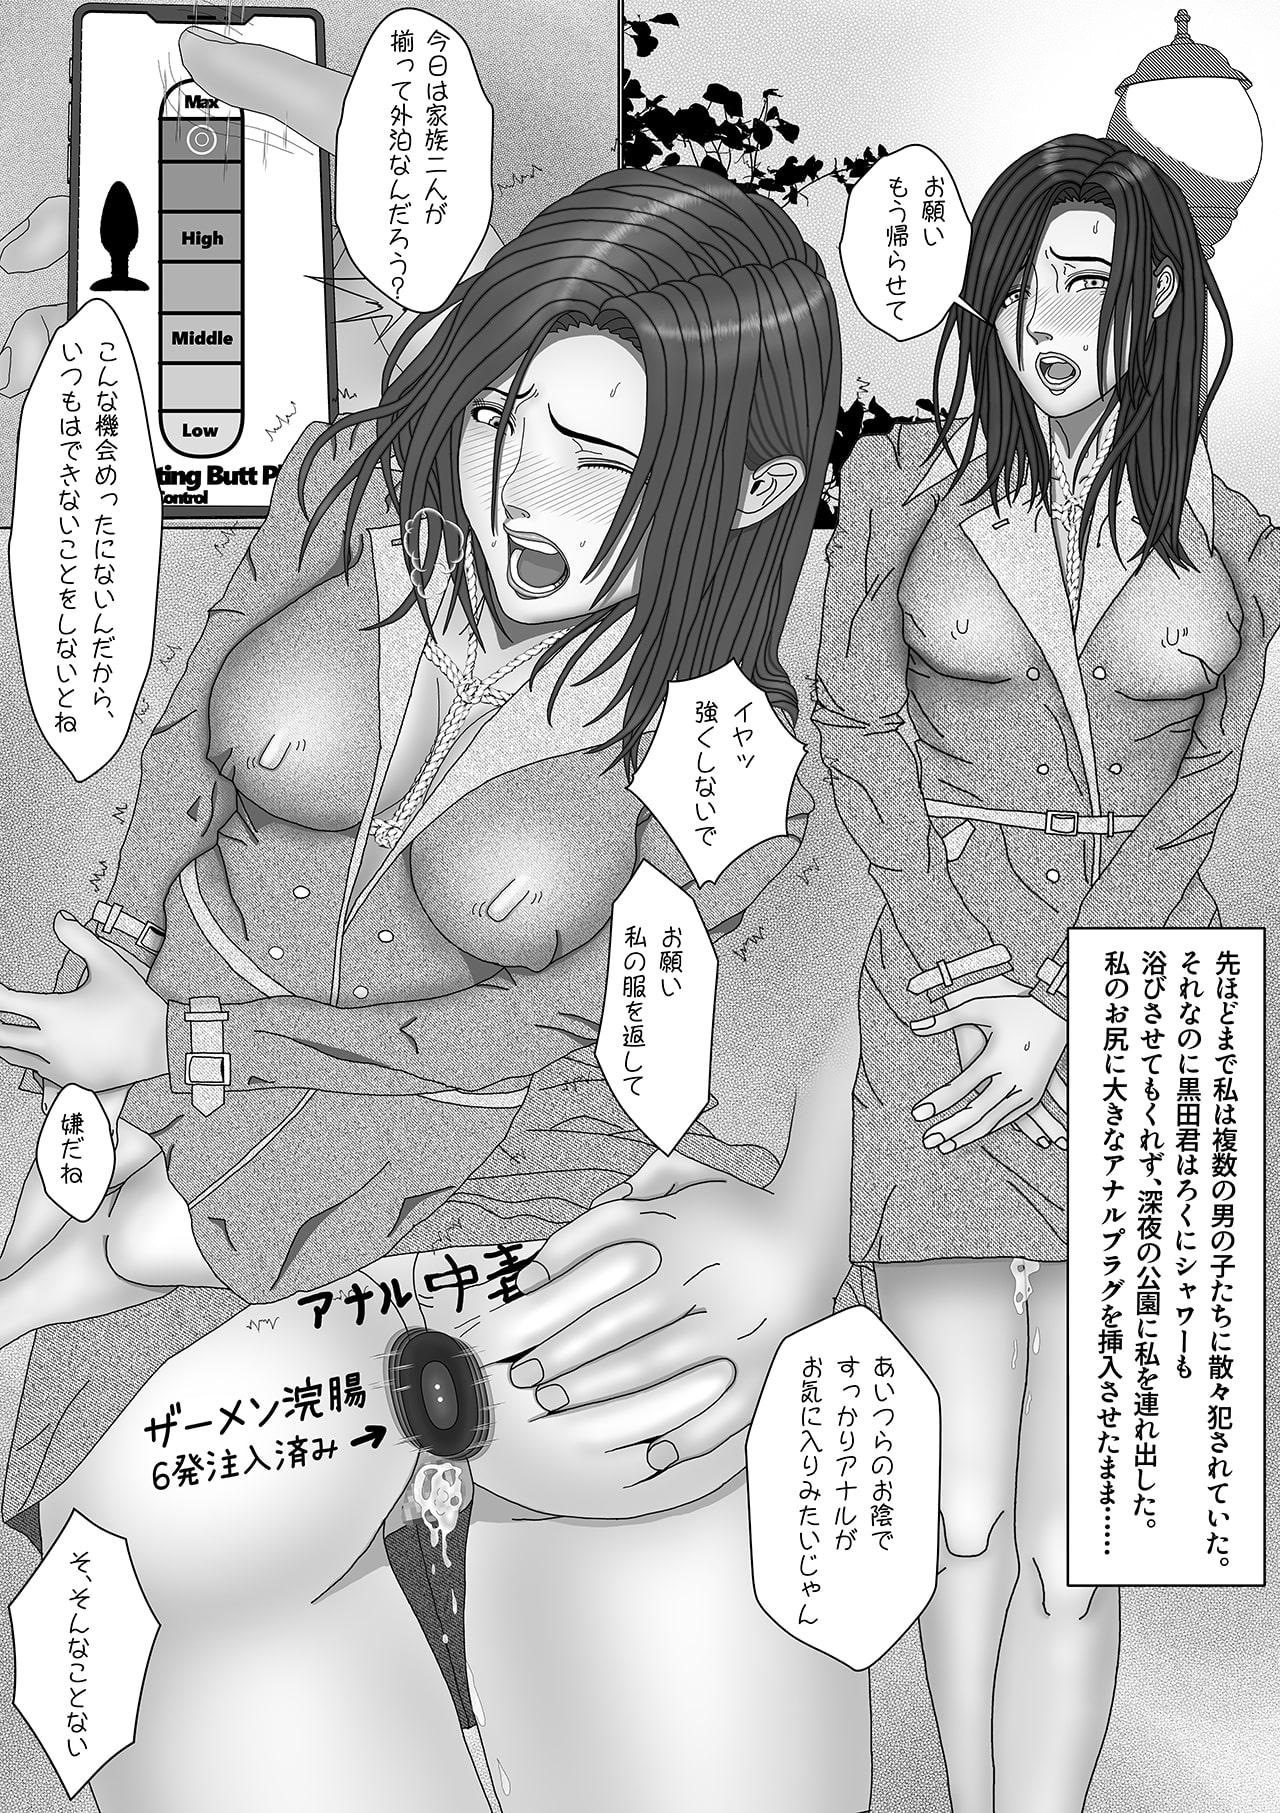 ツマガサネ Vol.3